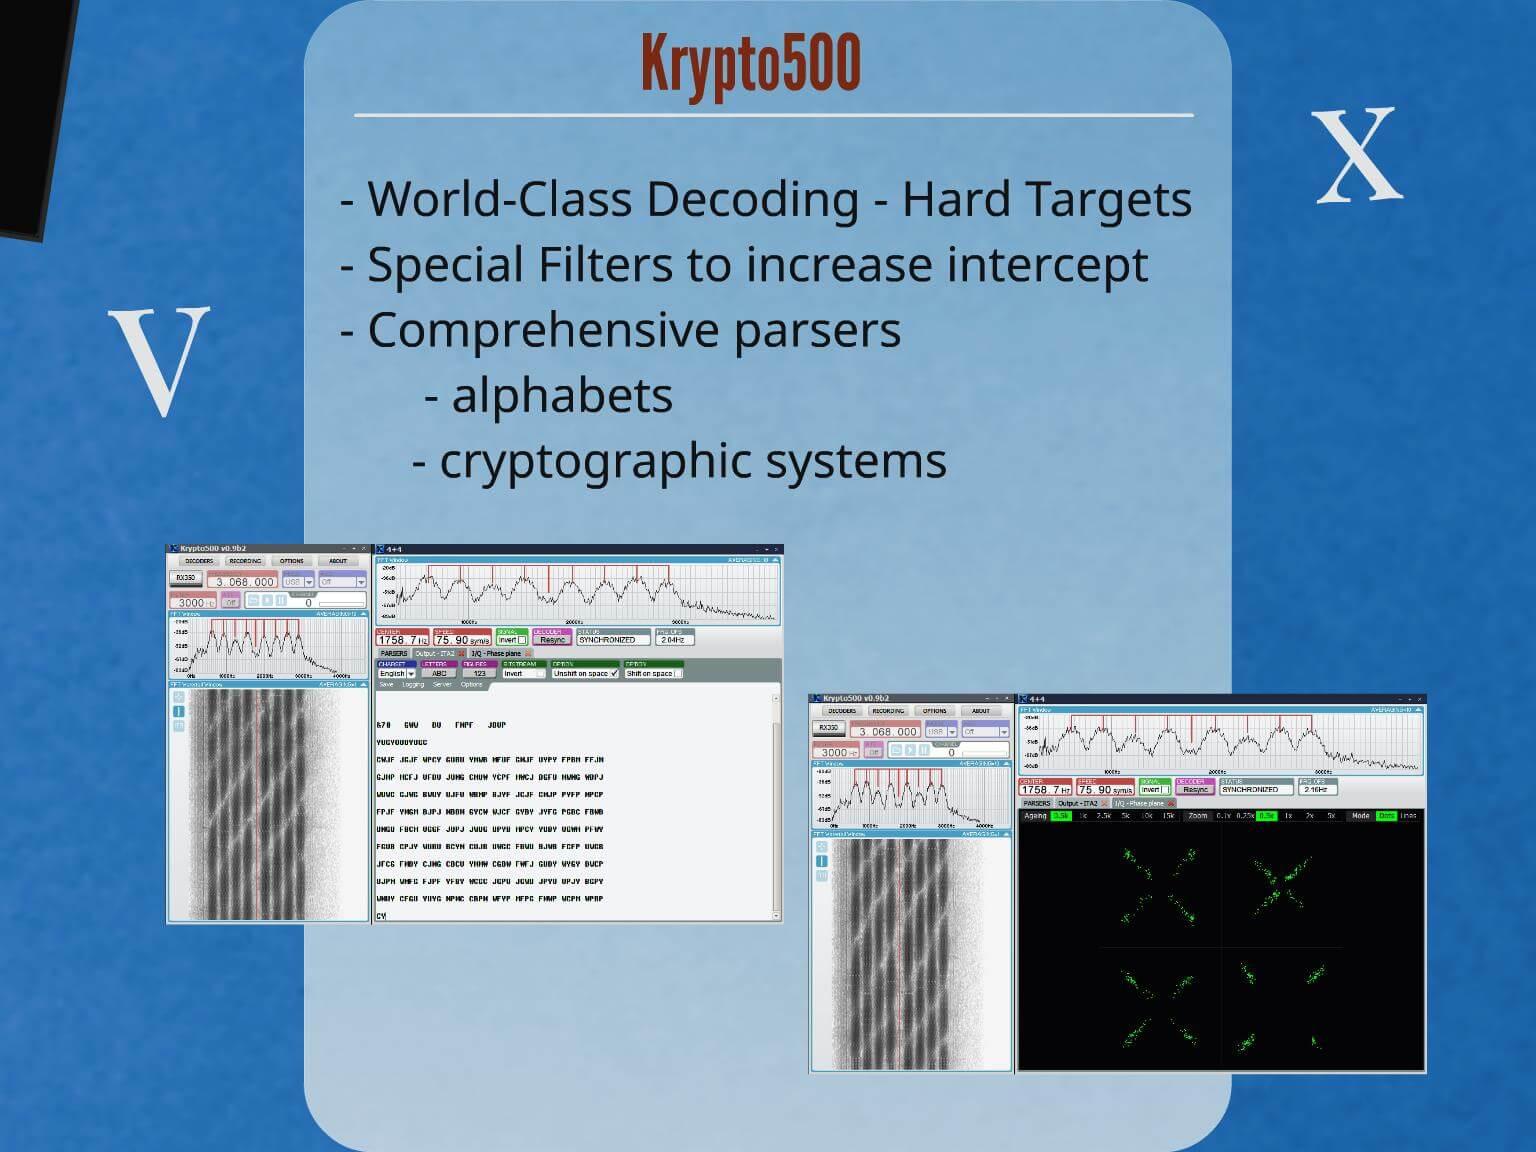 Krypto6